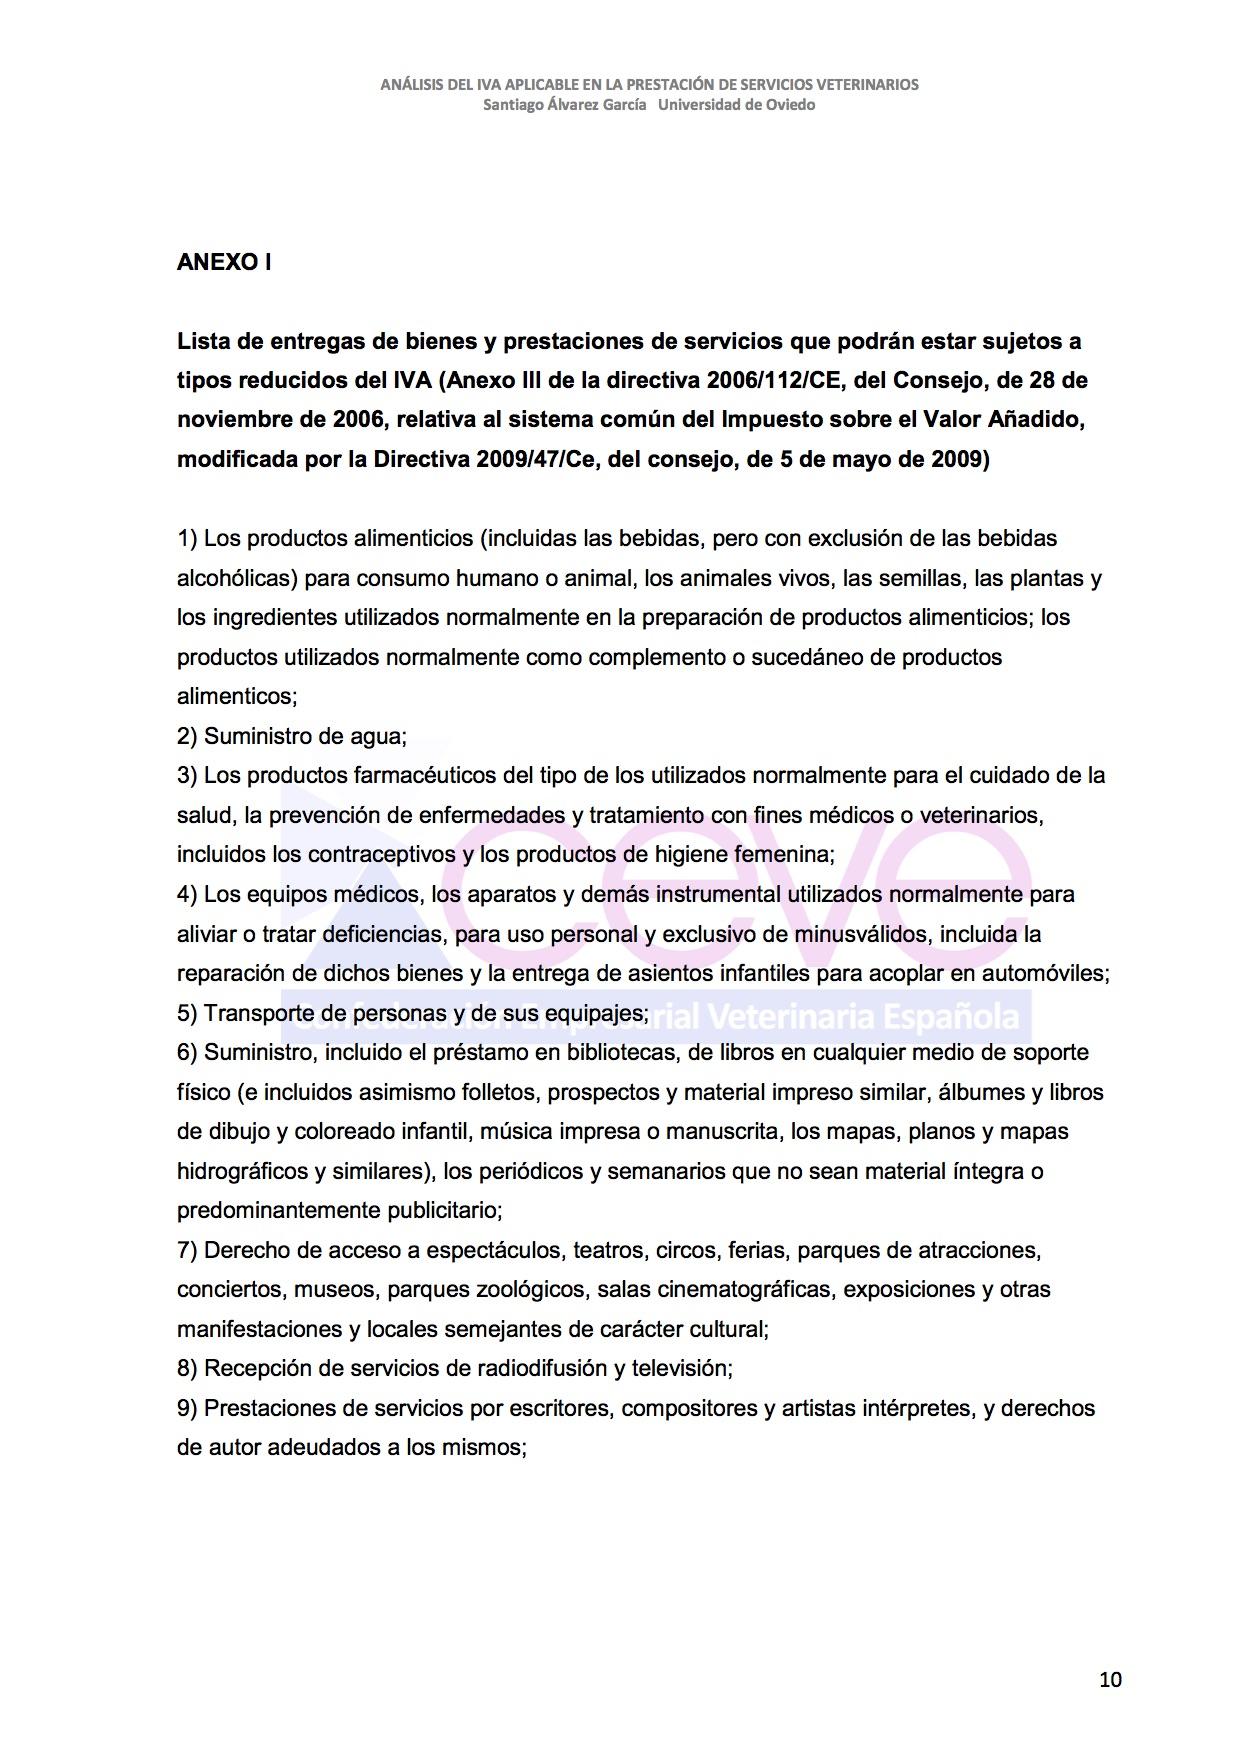 INFOME JURIDICO SOBRE EL IVA11 VETERINARIO DESBLOQUEADO